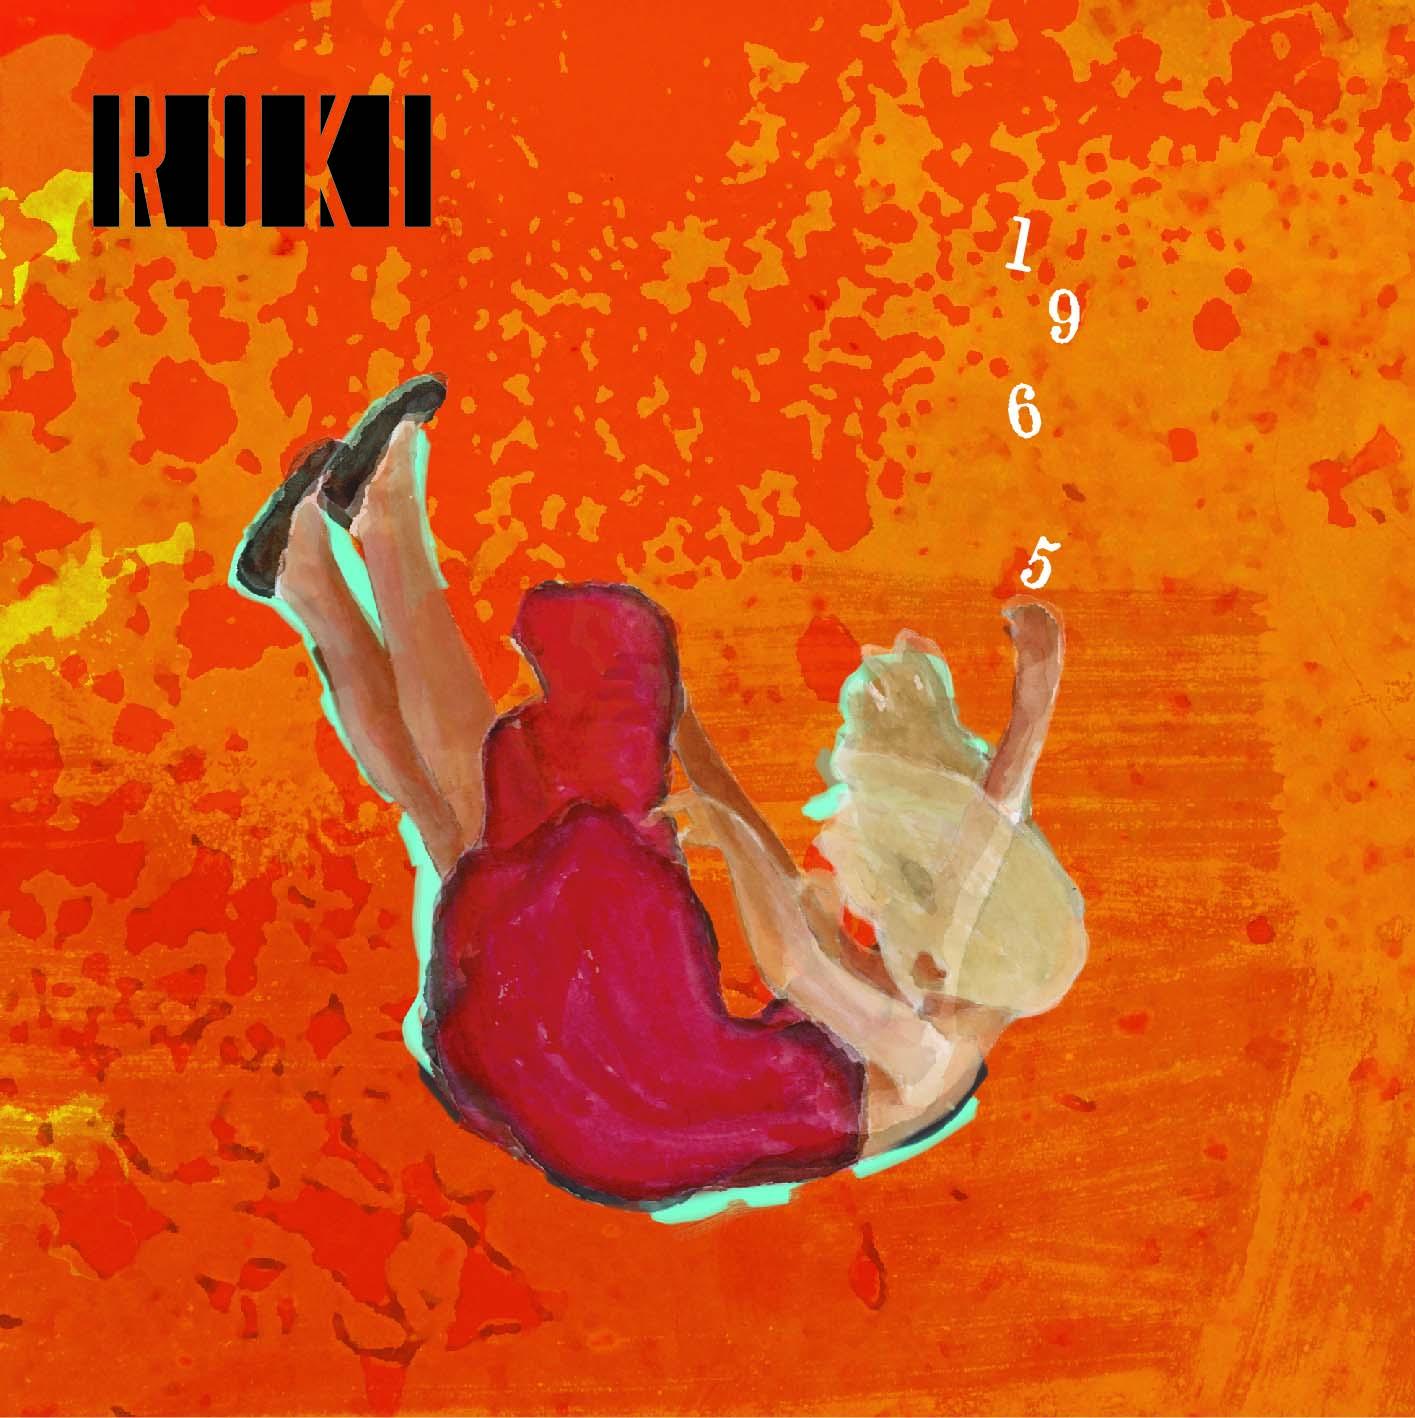 ROKI 「1965」